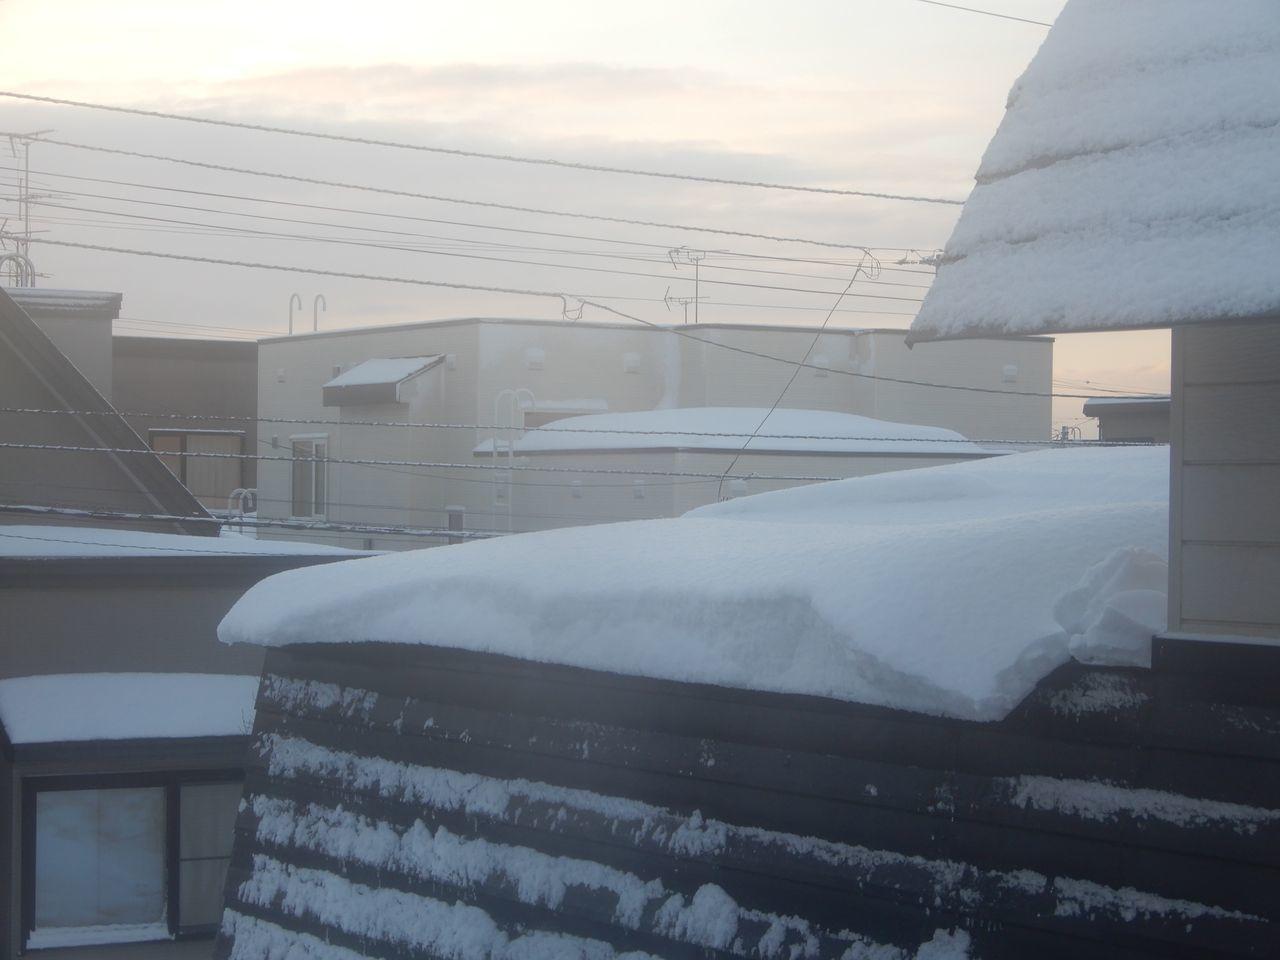 久しぶりに本格的積雪の朝_c0025115_20245357.jpg